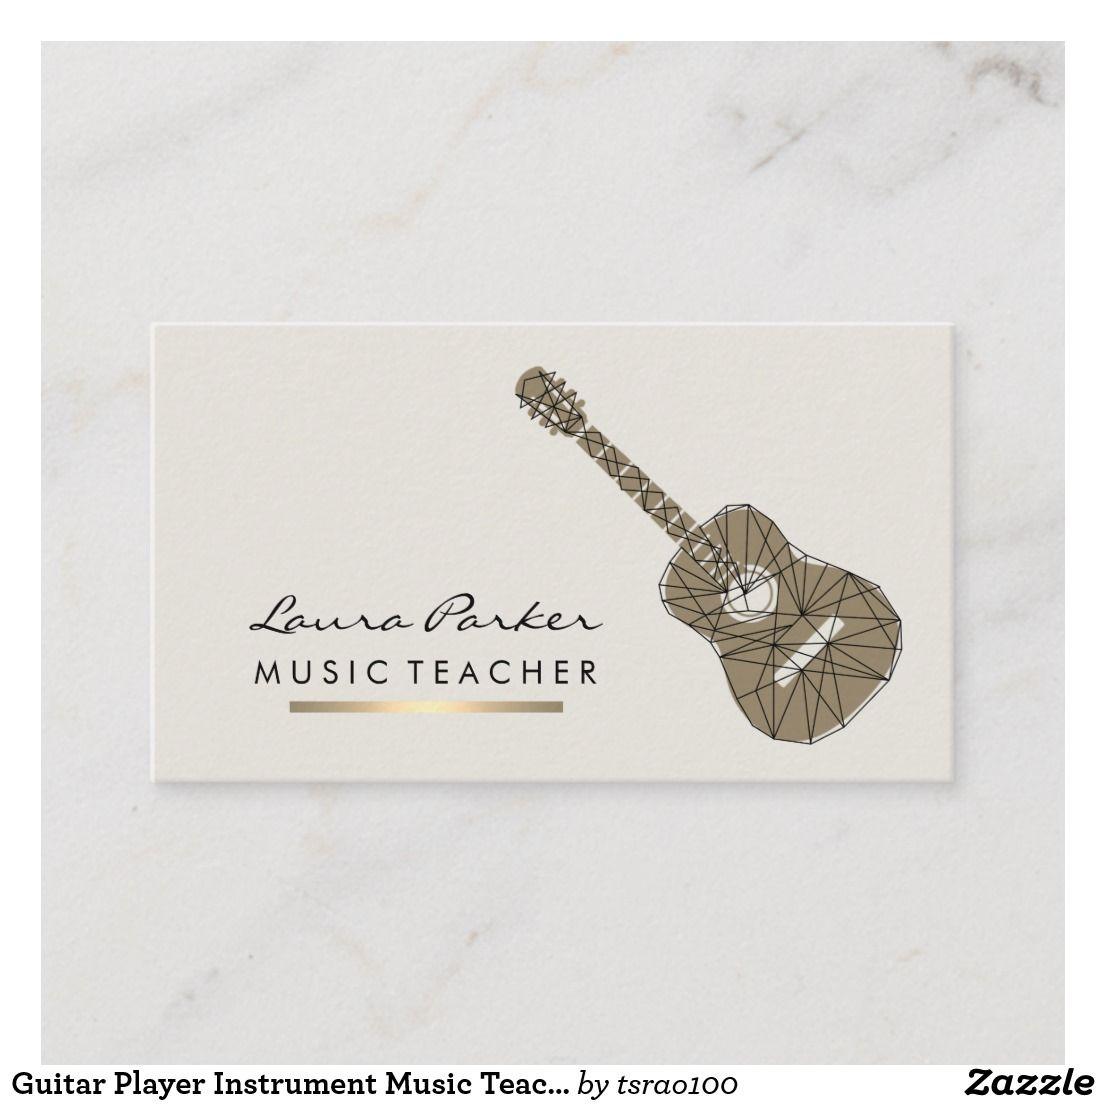 Guitar Player Instrument Music Teacher Gold Business Card Zazzle Com In 2021 Gold Business Card Music Business Cards Business Card Musician